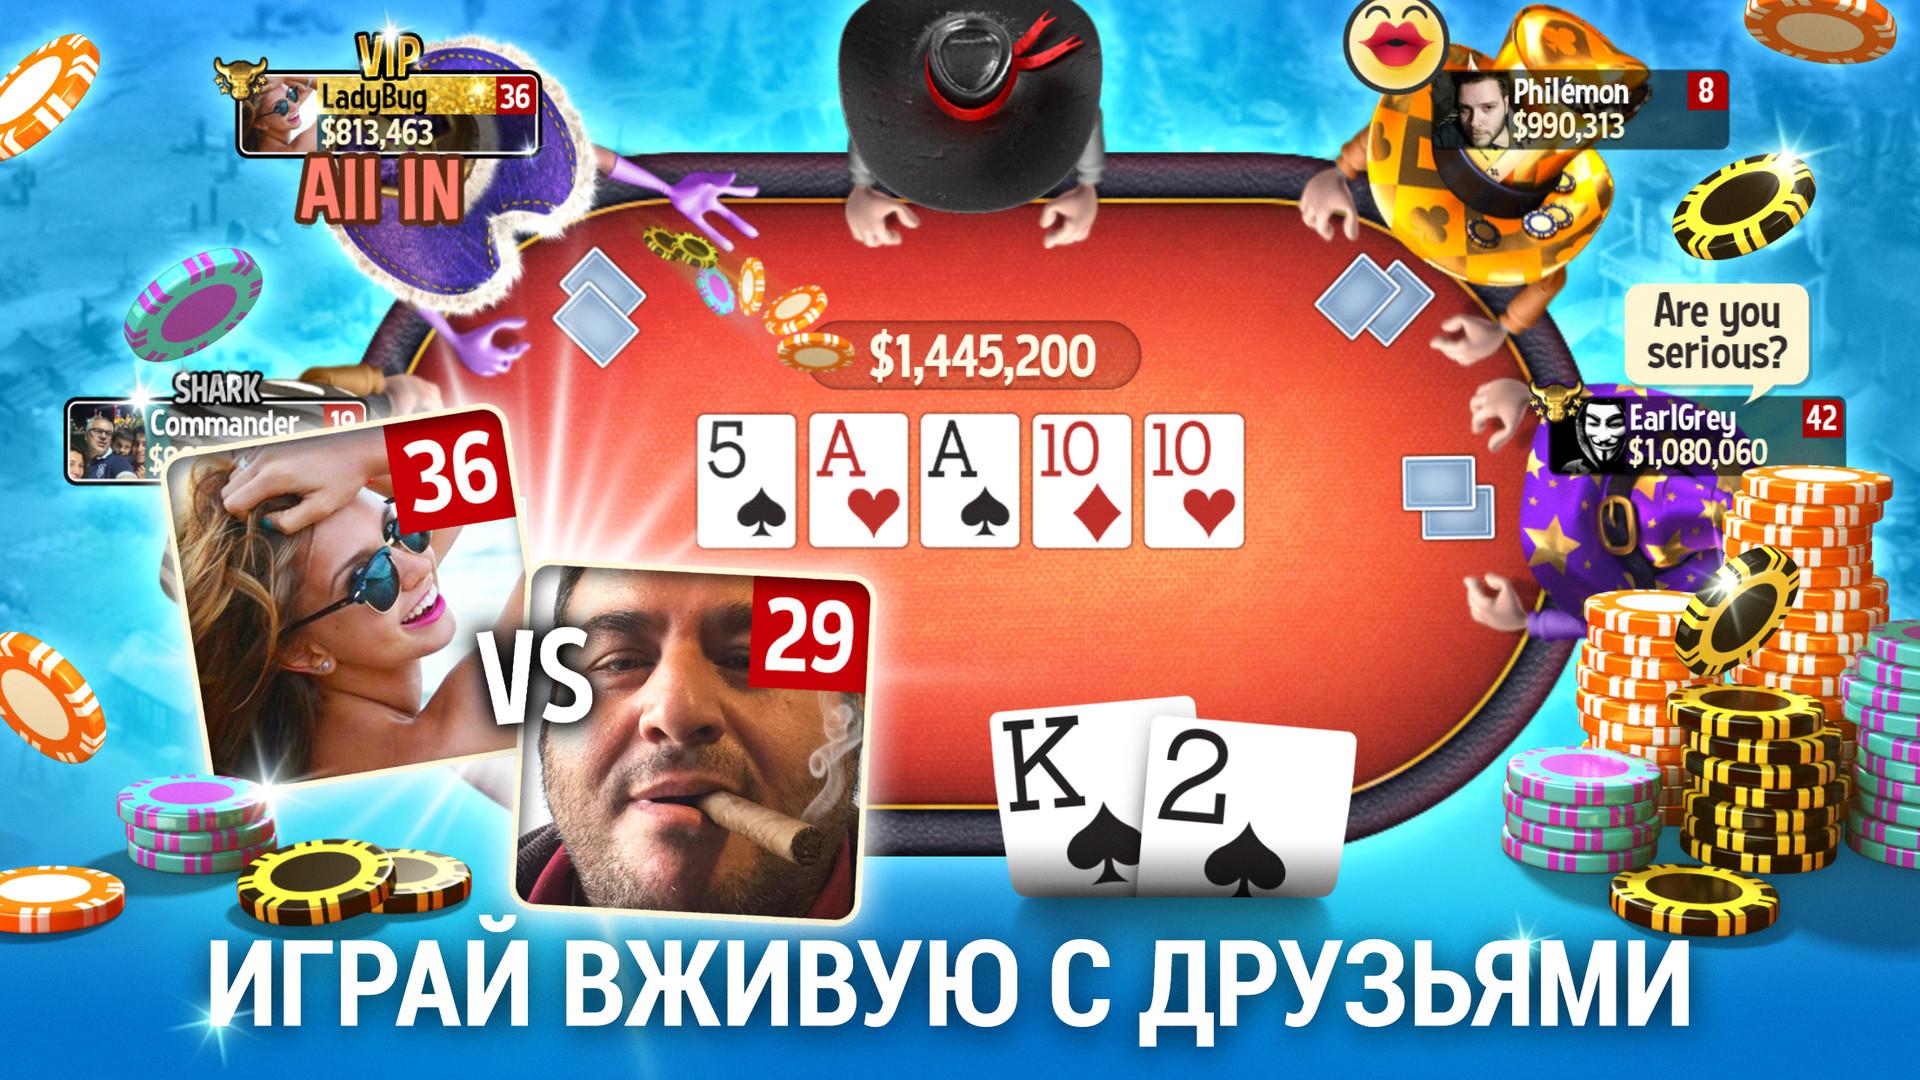 governor of poker 3 скачать бесплатно полную версию на русском